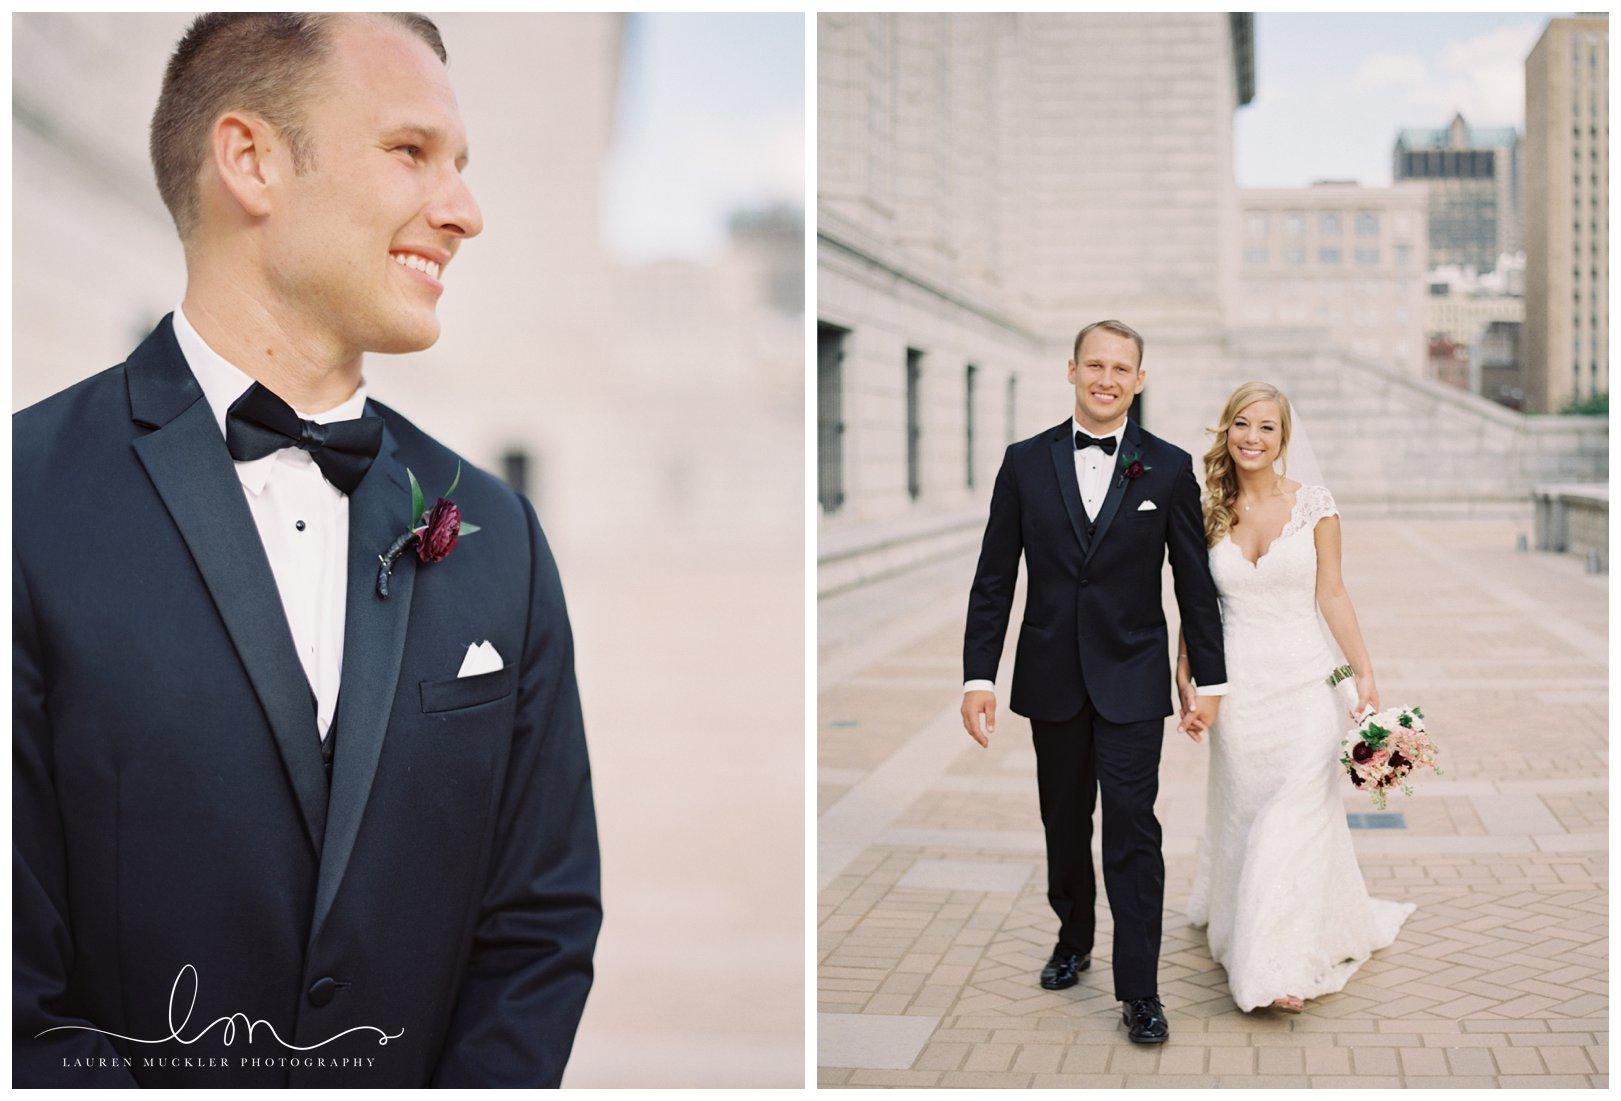 lauren muckler photography_fine art film wedding photography_st louis_photography_0823.jpg